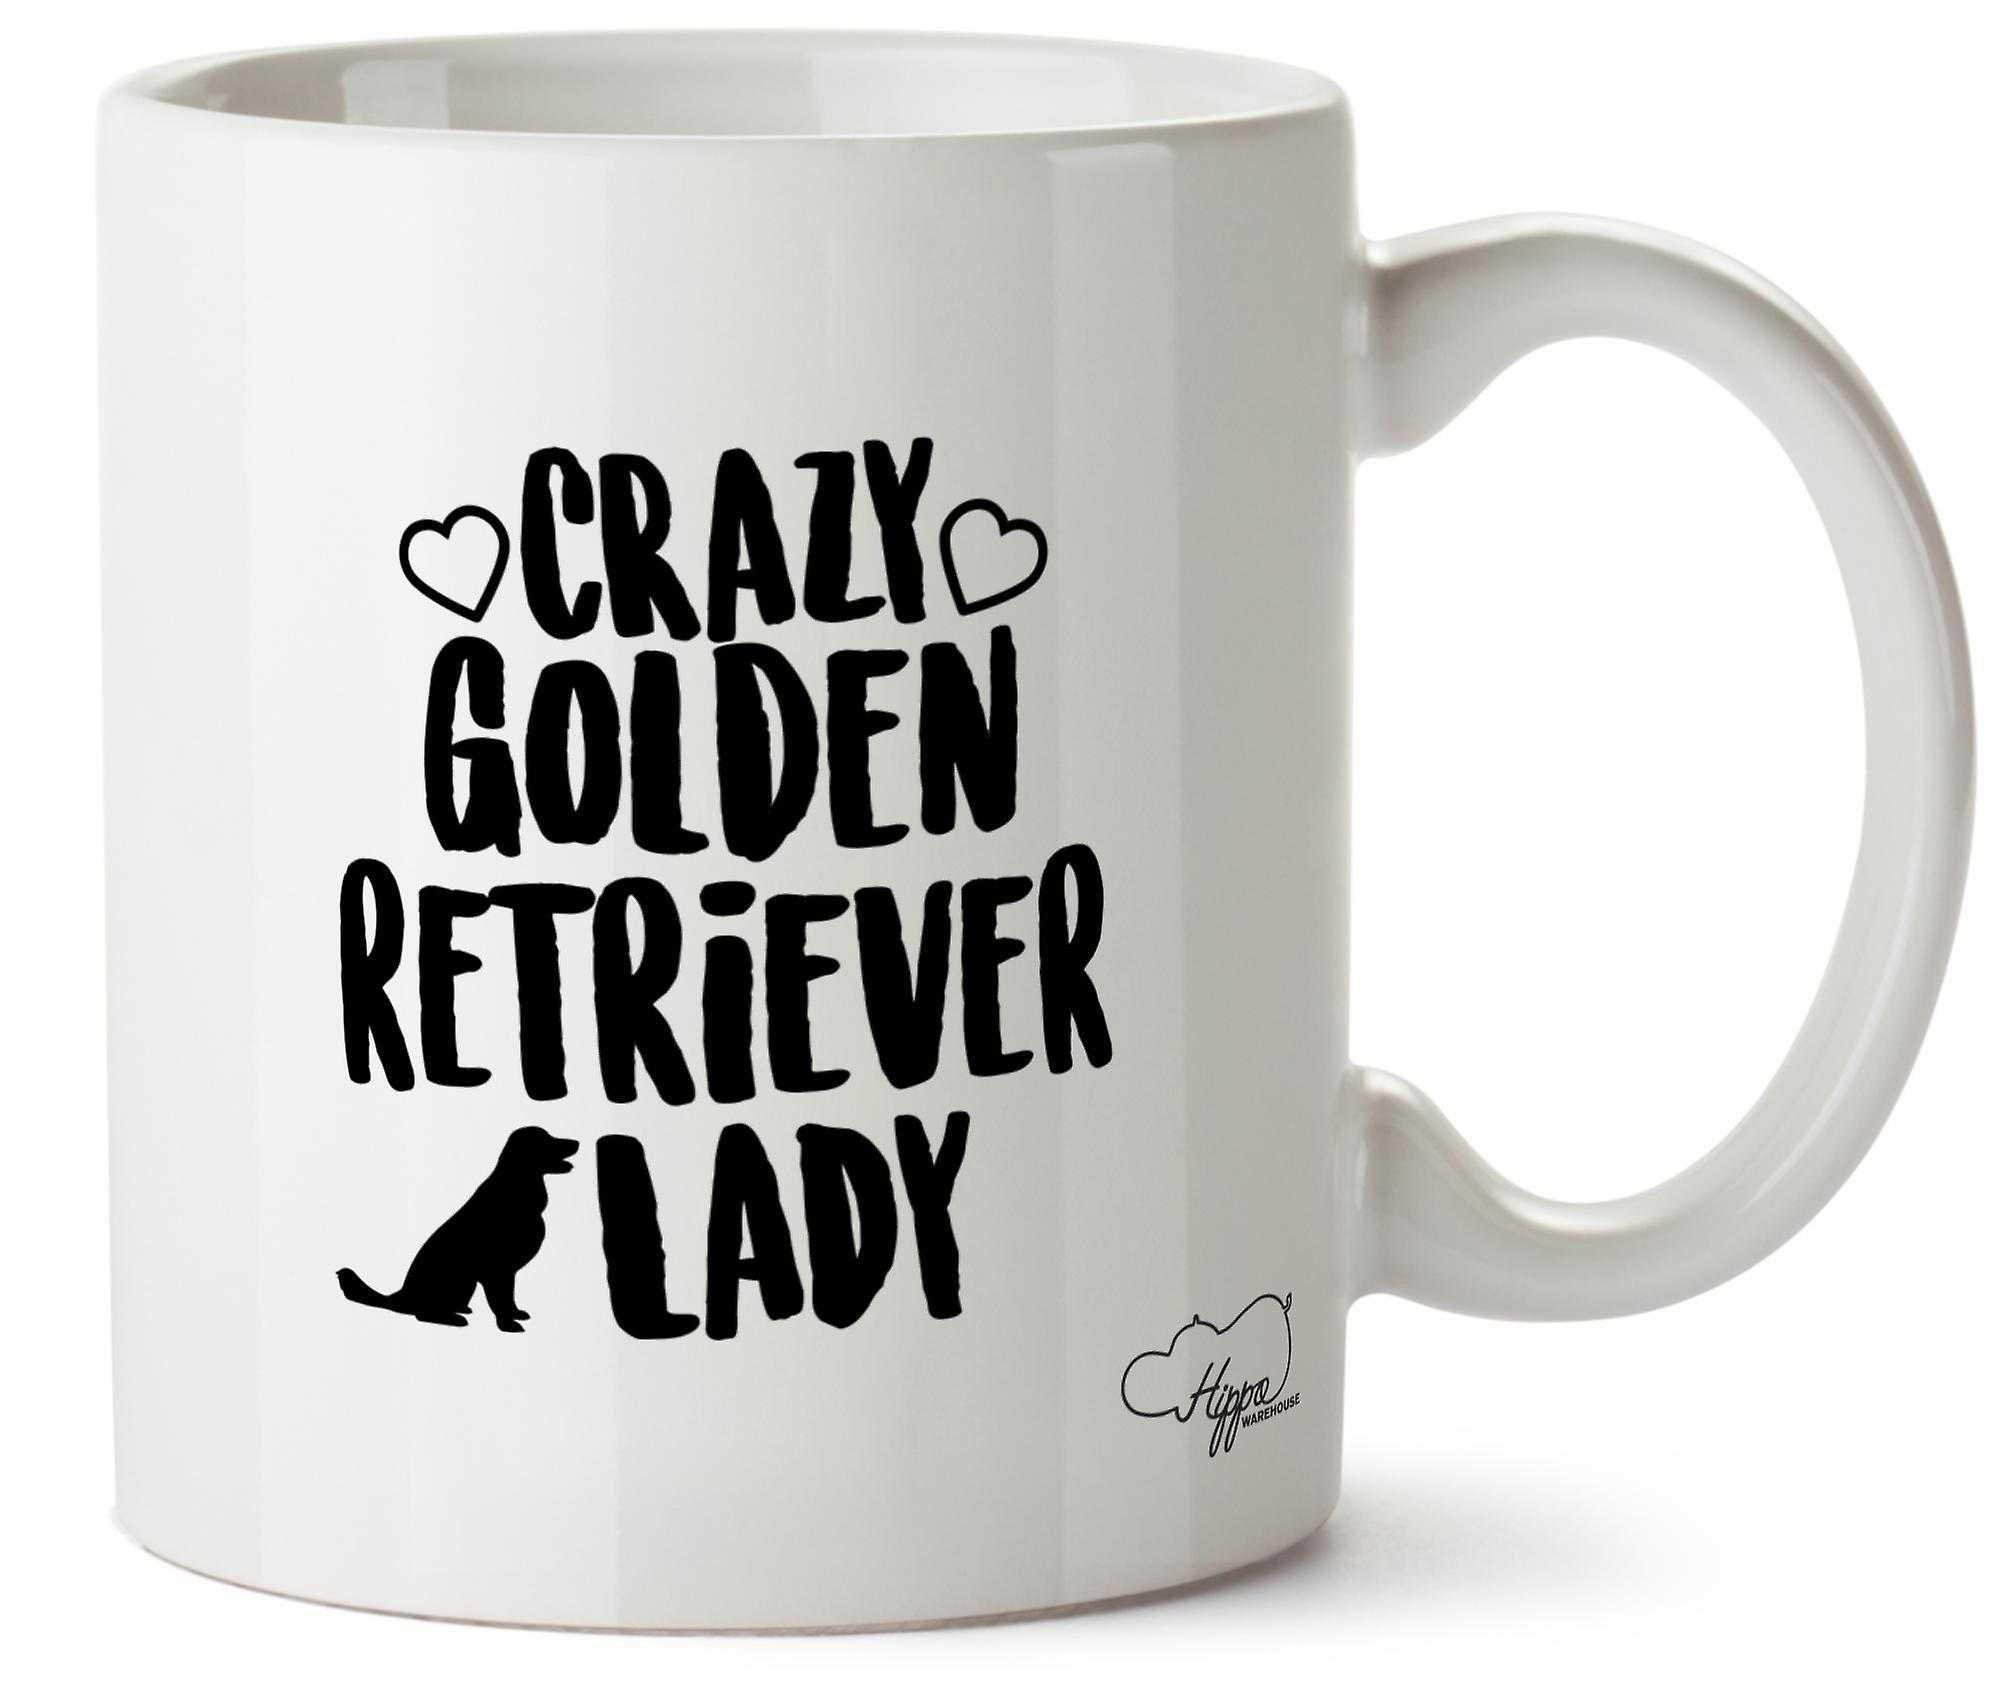 Hippowarehouse Crazy собака Золотой ретривер леди напечатаны Кубка керамическая кружка 10oz